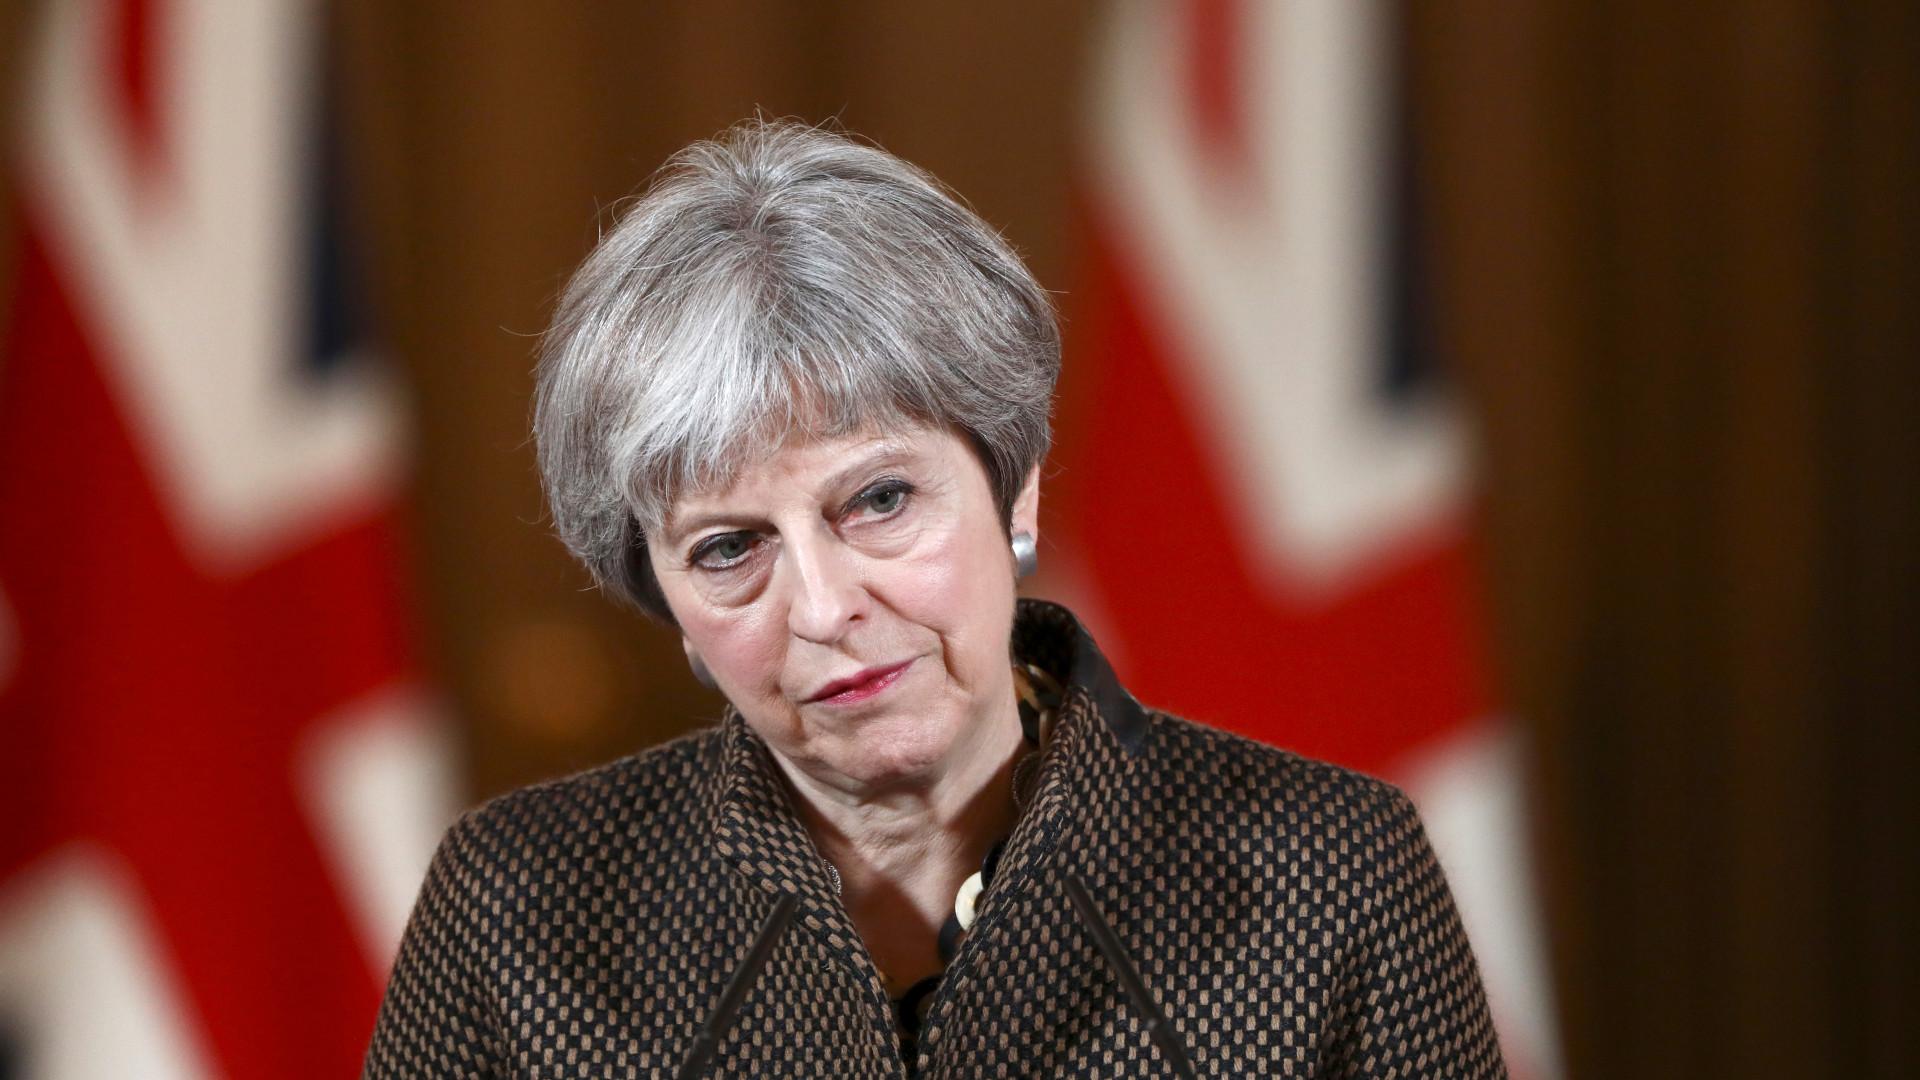 Garantias da UE podem ser insuficientes para convencer deputados, diz May